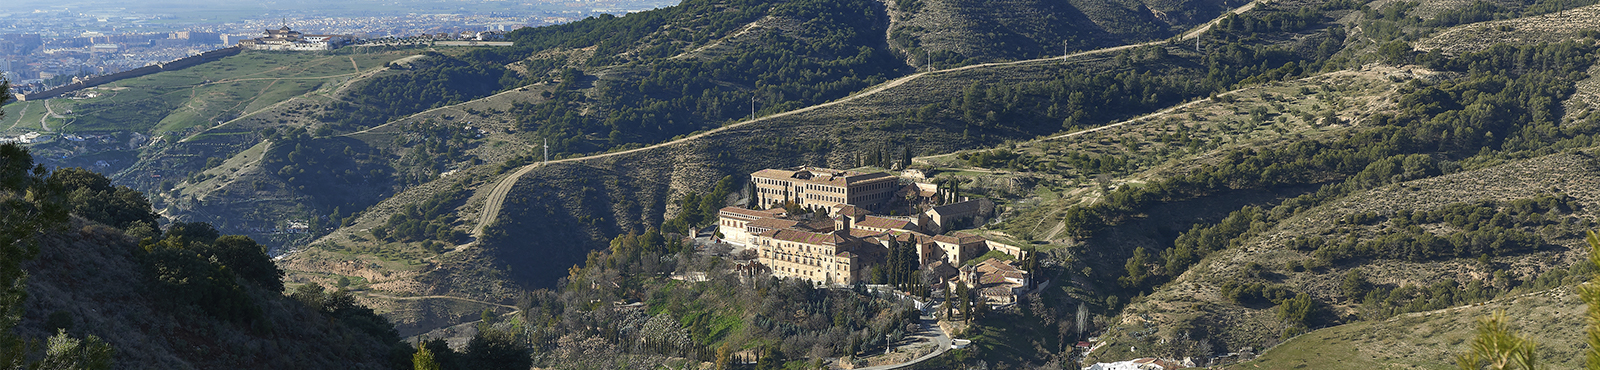 La Abadía, uno de los 5 monumentos más visitados de Granada